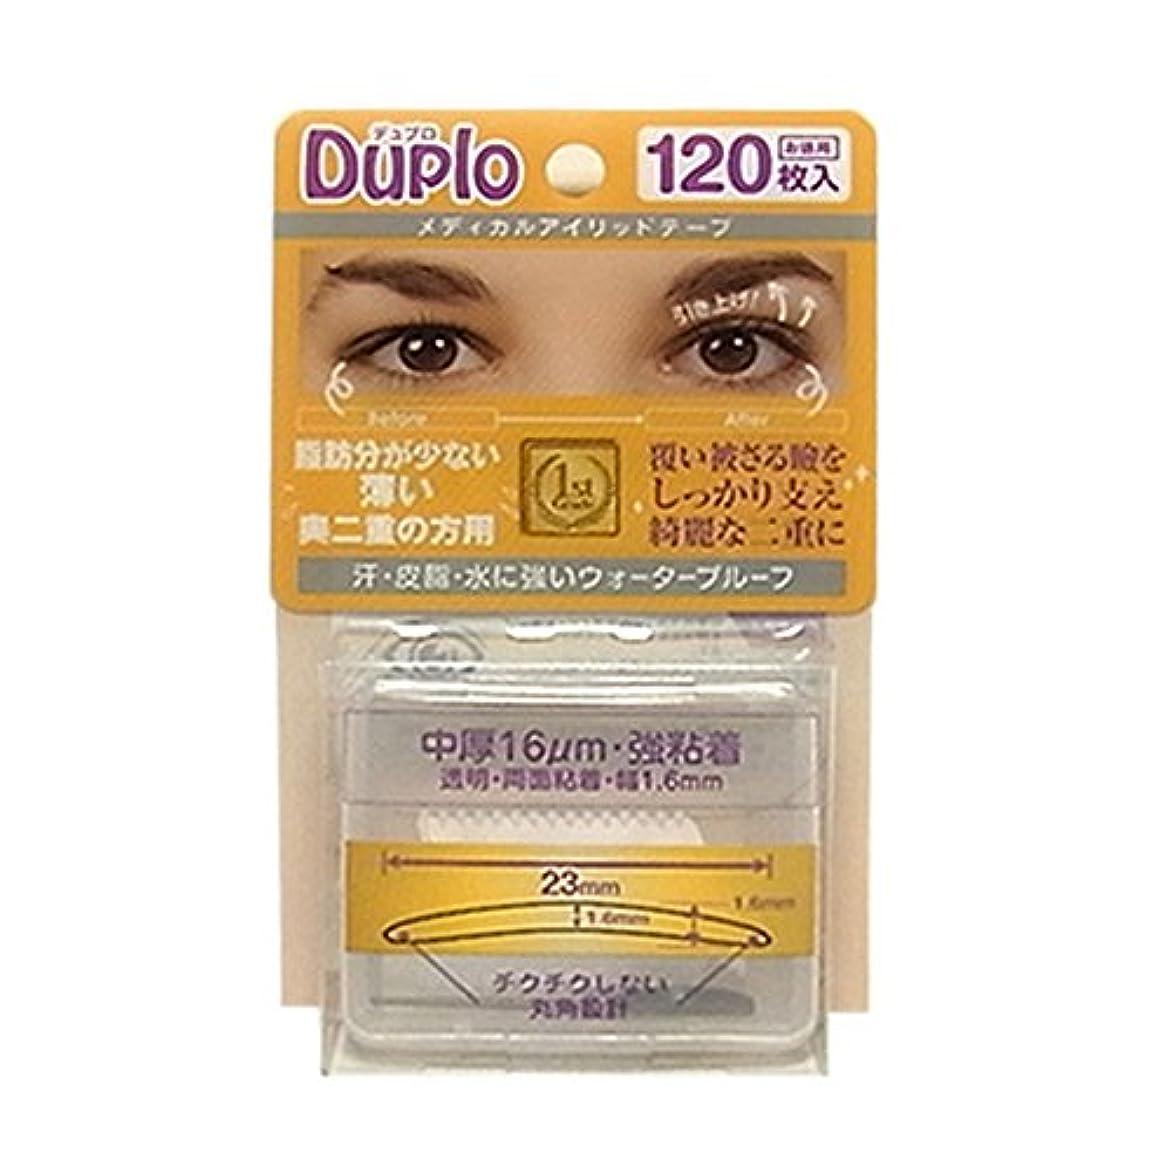 ブルームクラブ残酷なDuplo デュプロ メディカルアイリッドテープ 中厚 16μm 強粘着 (眼瞼下垂防止用テープ)透明?両面 120枚入